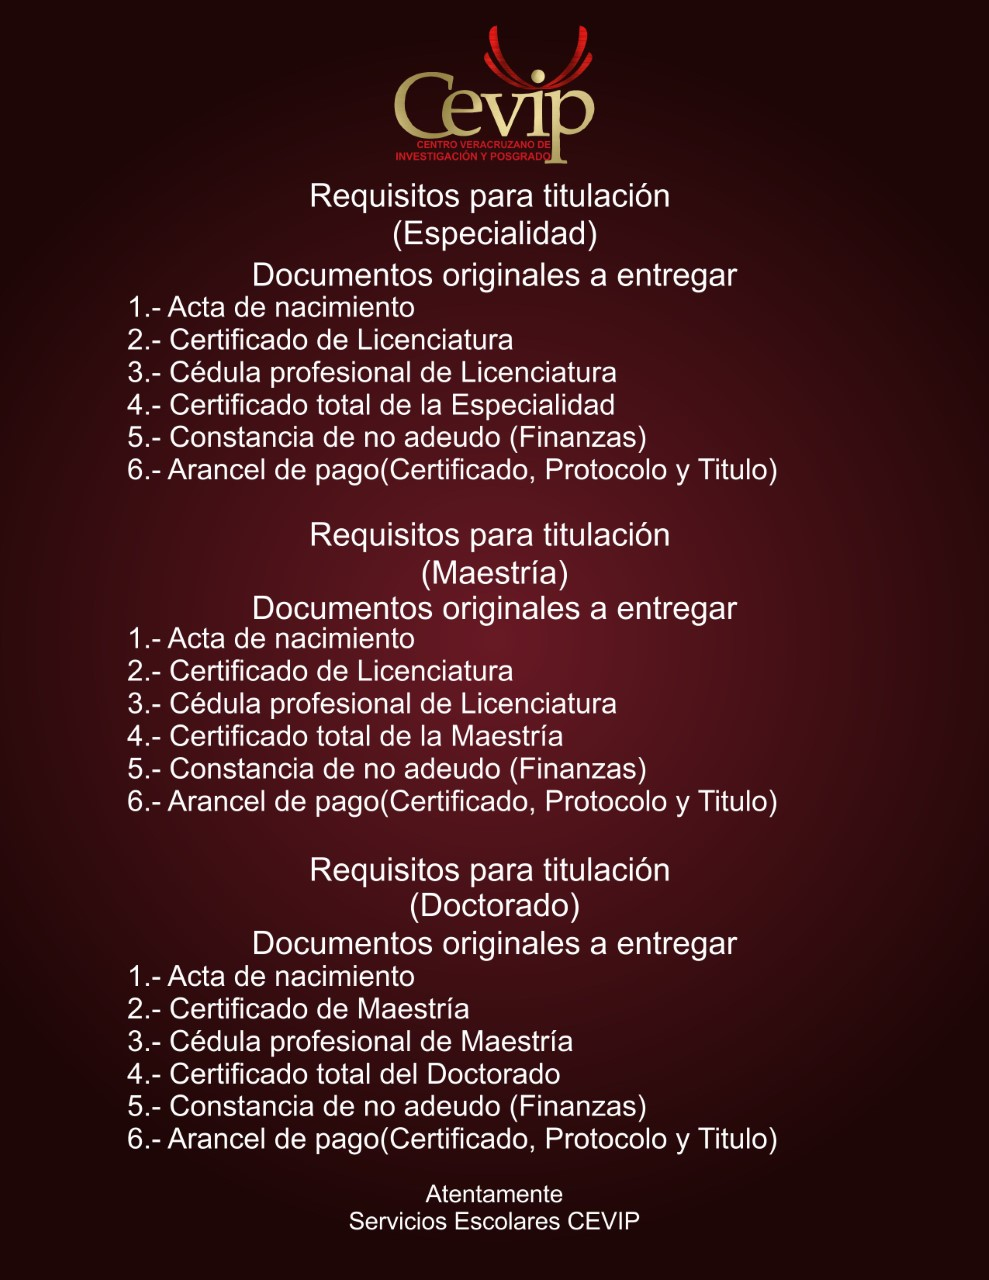 Requisitos de Titulación